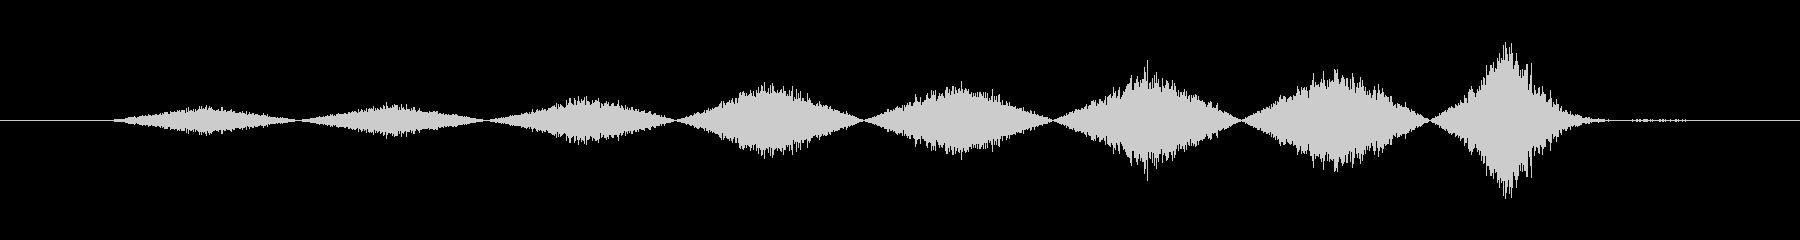 捕まった時の音(ホラー・ゲームオーバー)の未再生の波形